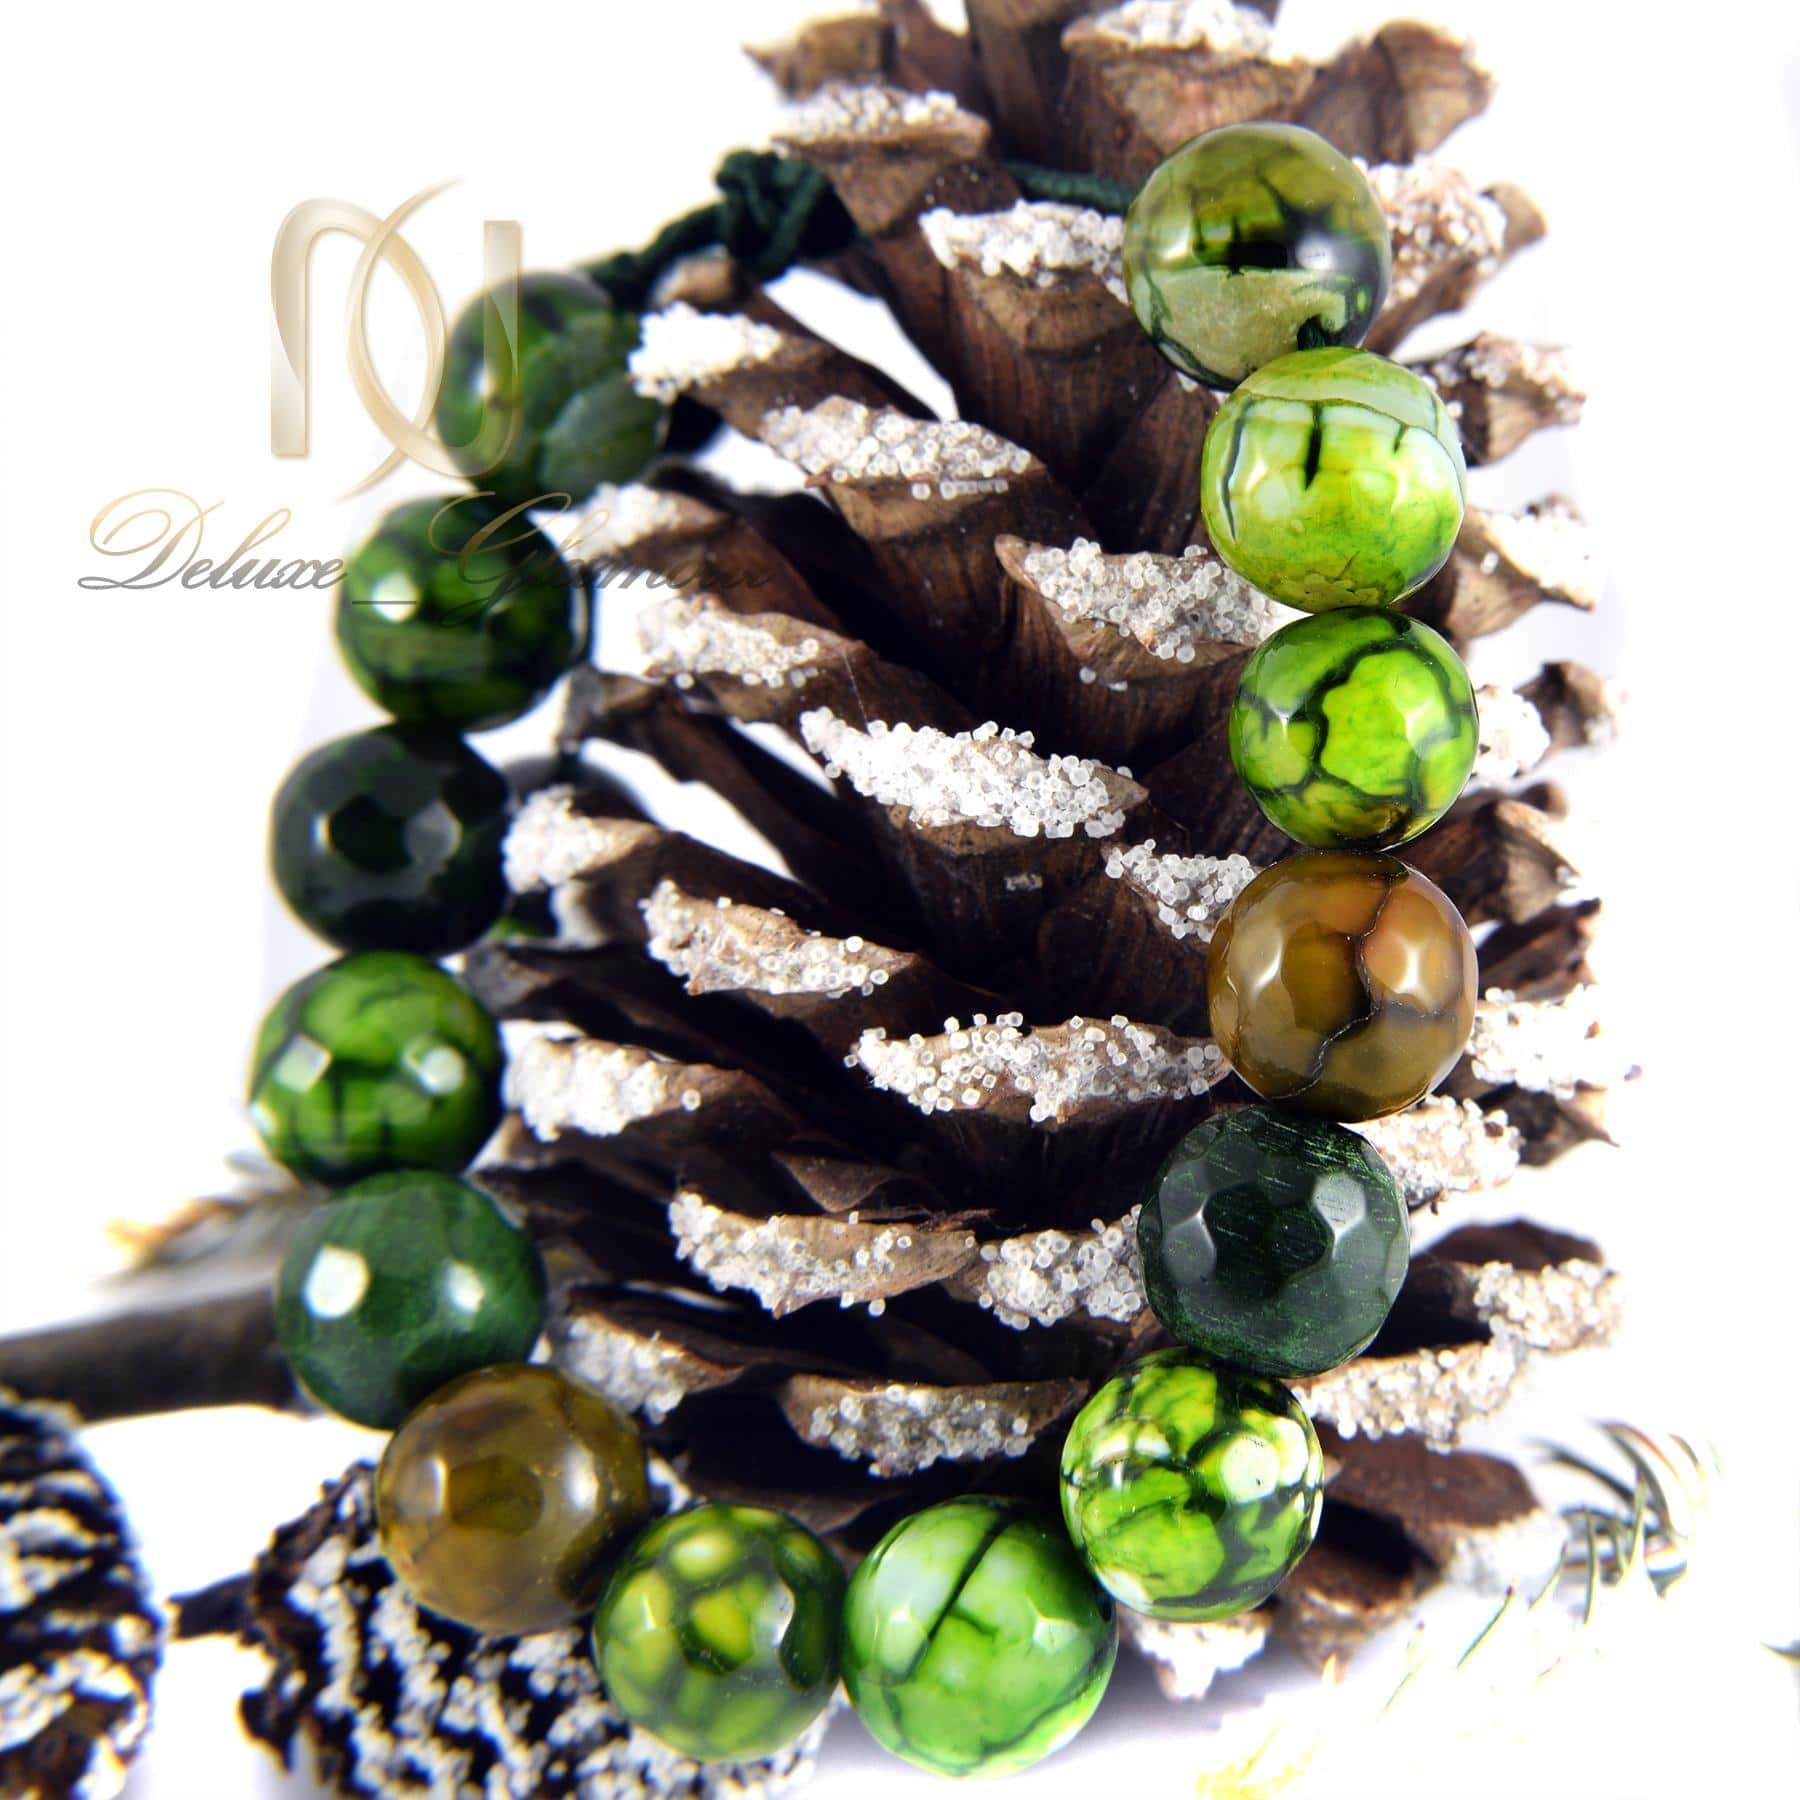 دستبند سنگی سبز عقیق دخترانه با قفل کراواتی ds-n012 - زمینه رنگی